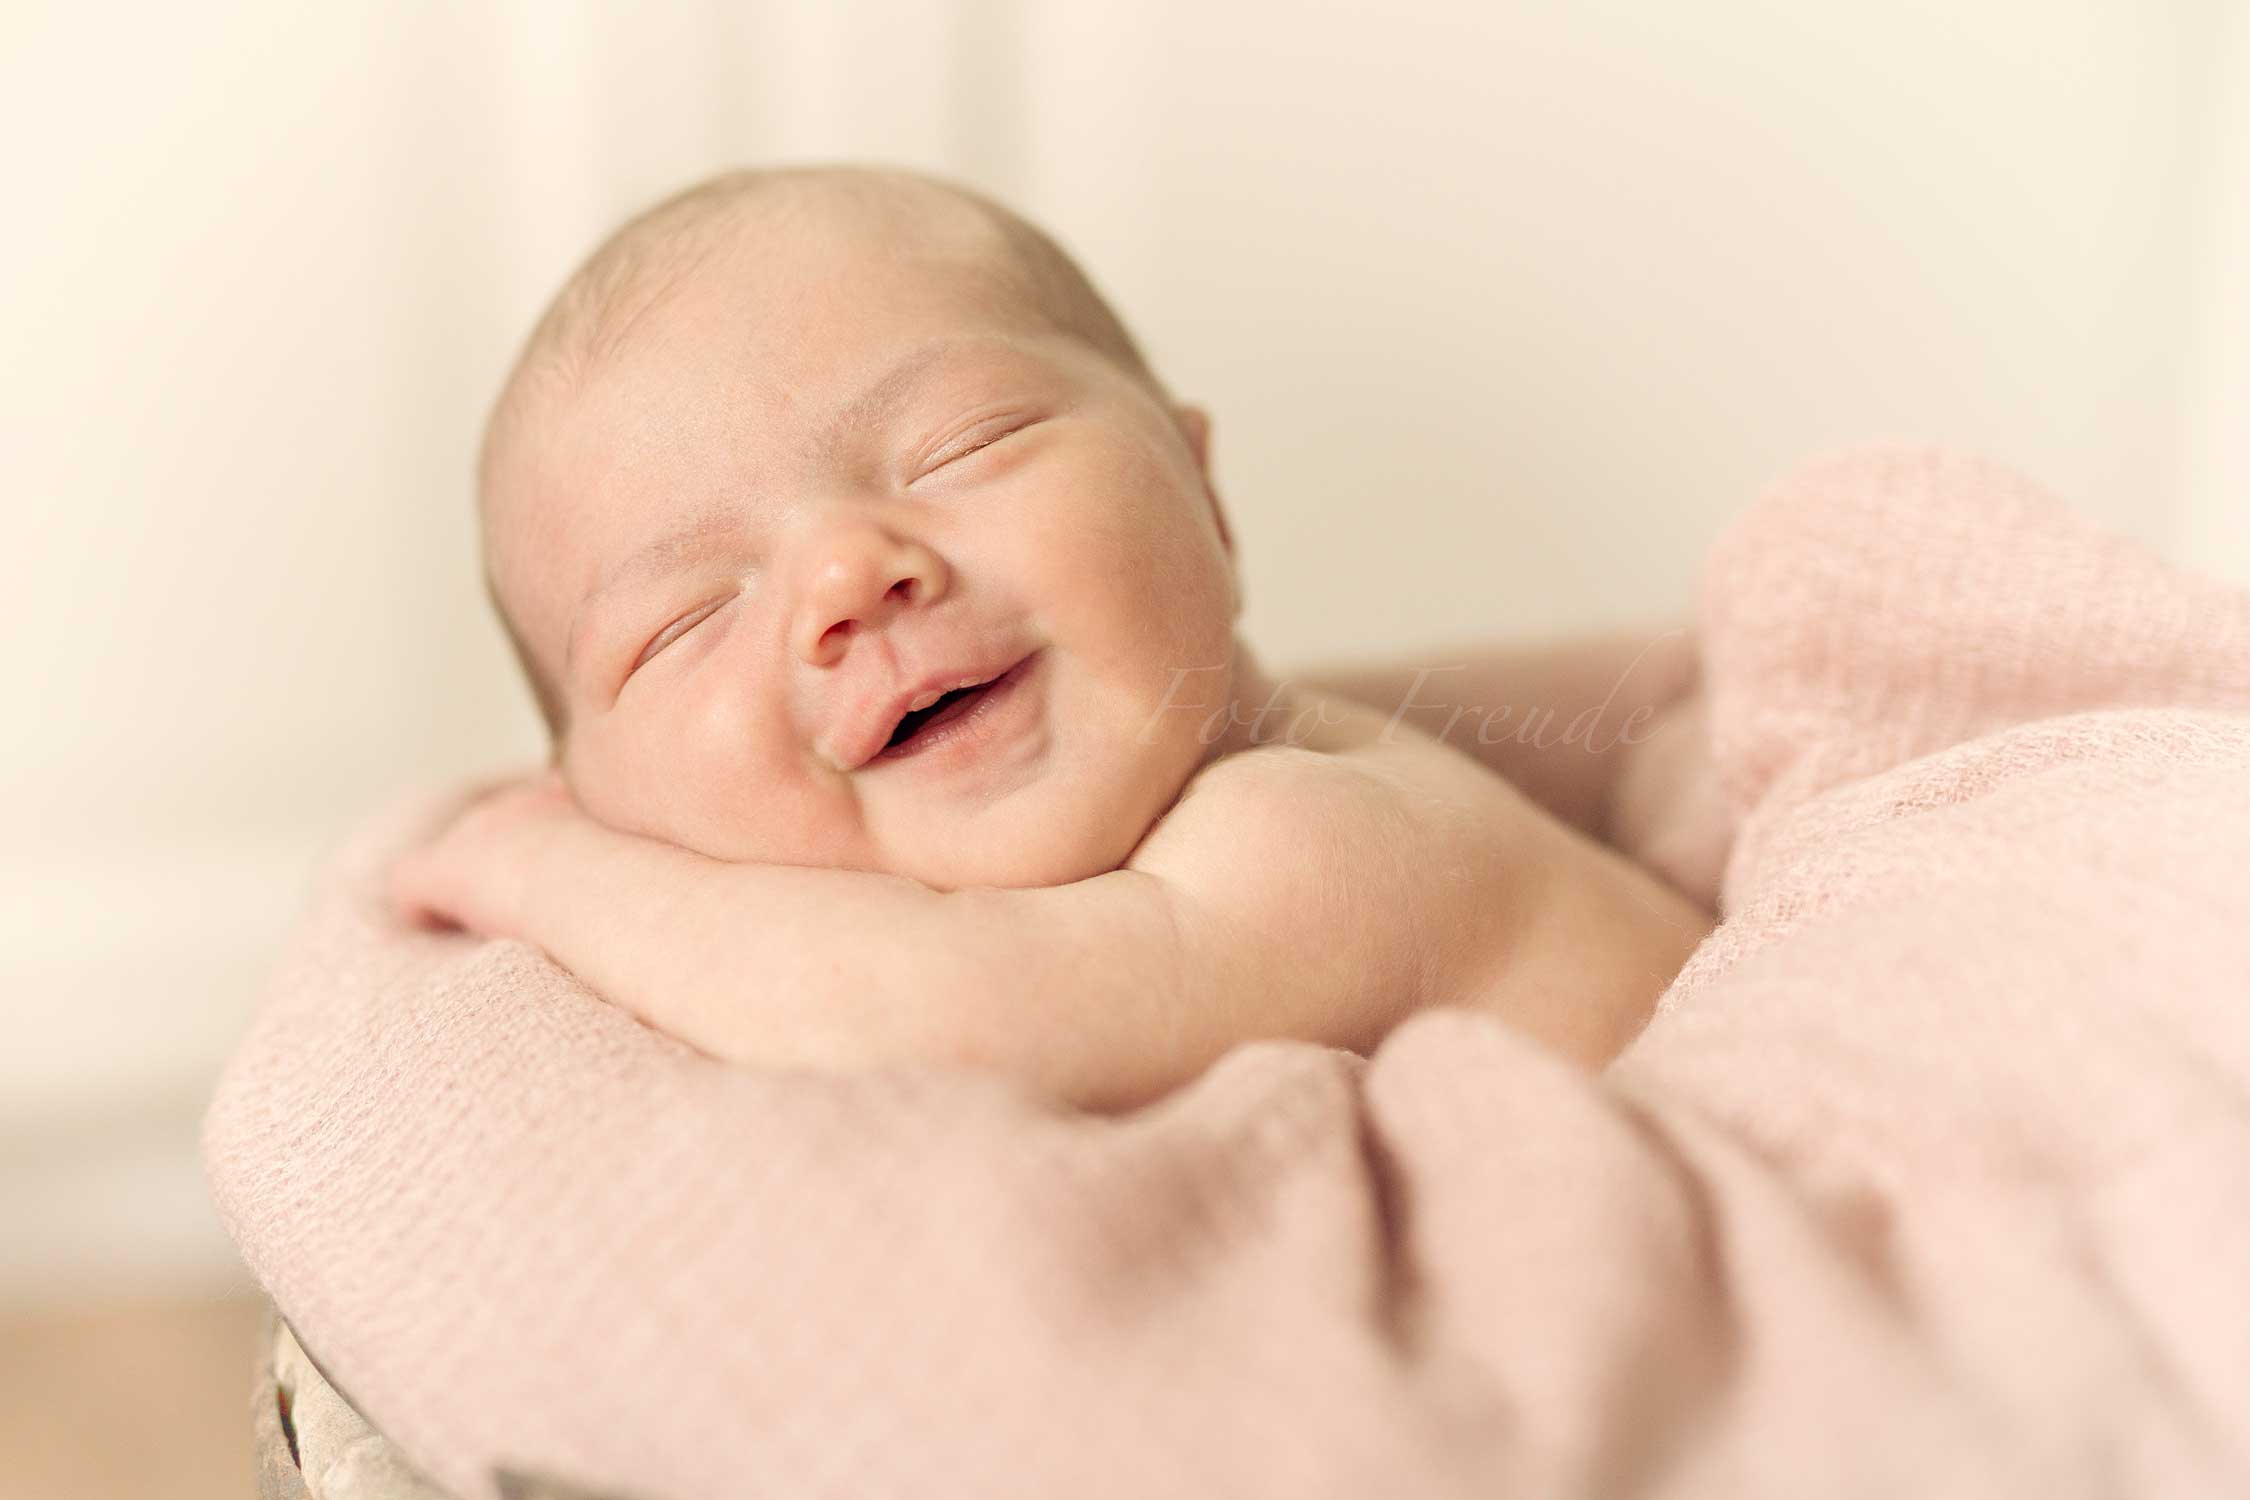 natuerliche babyfotografie neugeborenenshooting in hoechstadt aisch baby lacht